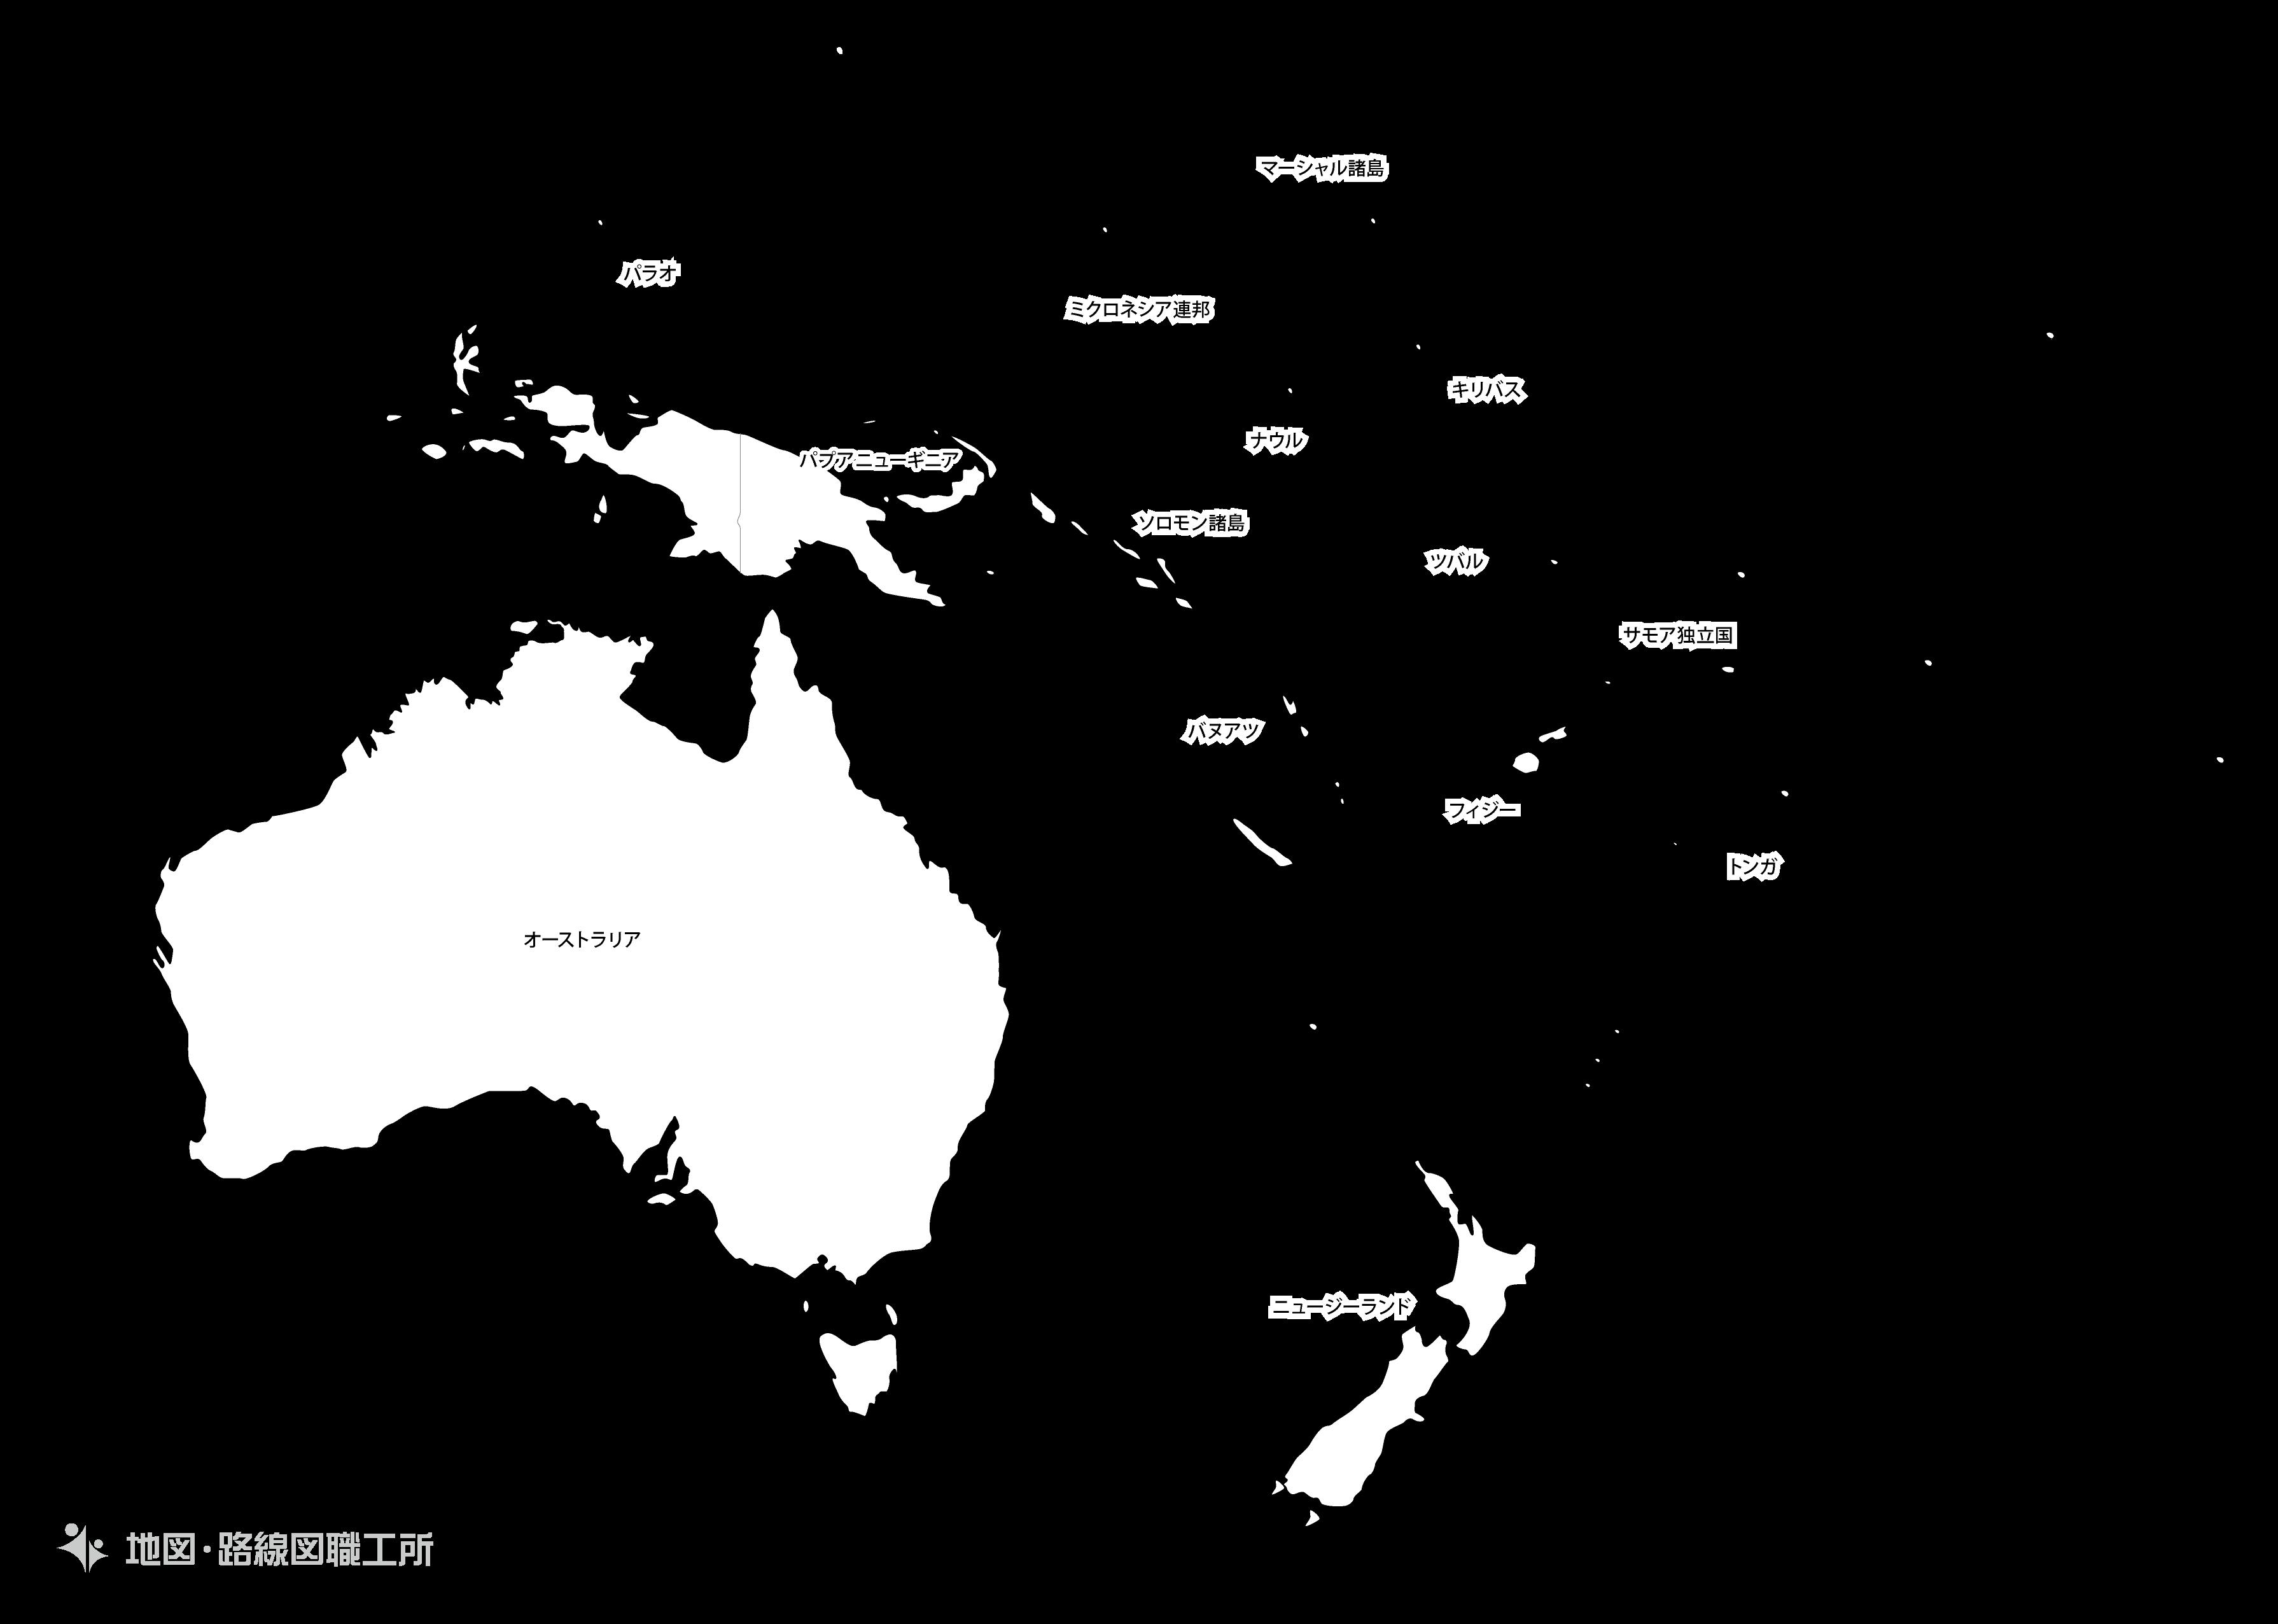 世界の白地図 オセアニア Oceania map